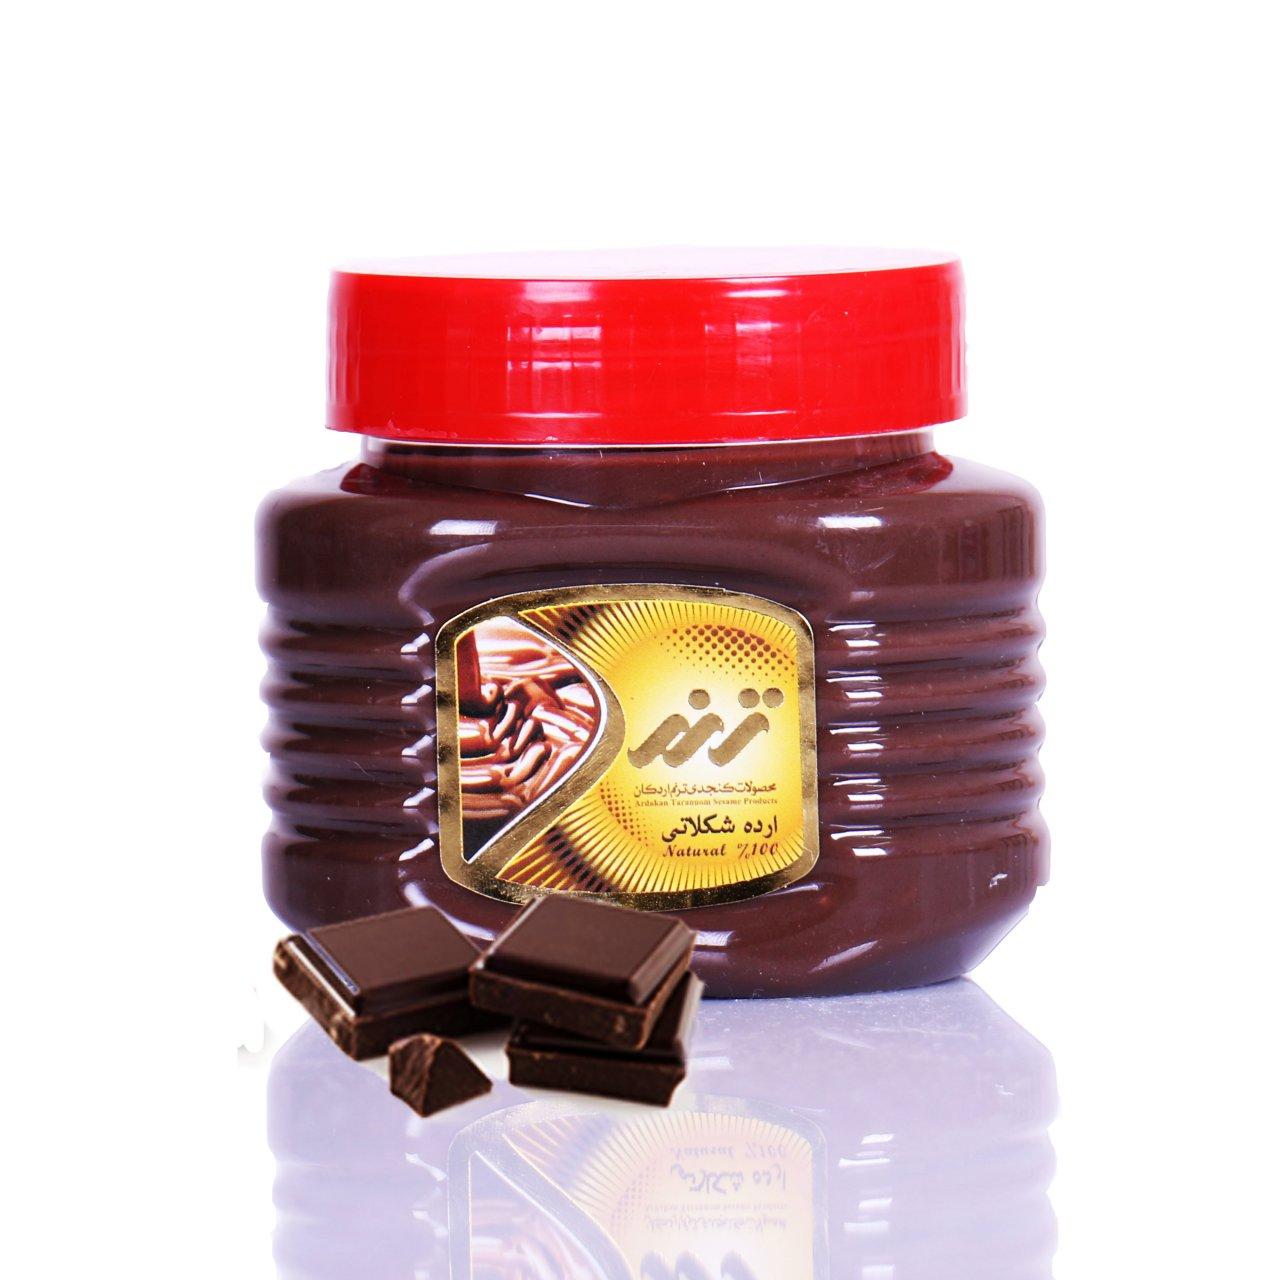 ارده شکلاتی ترنم ۳۵۰ گرم